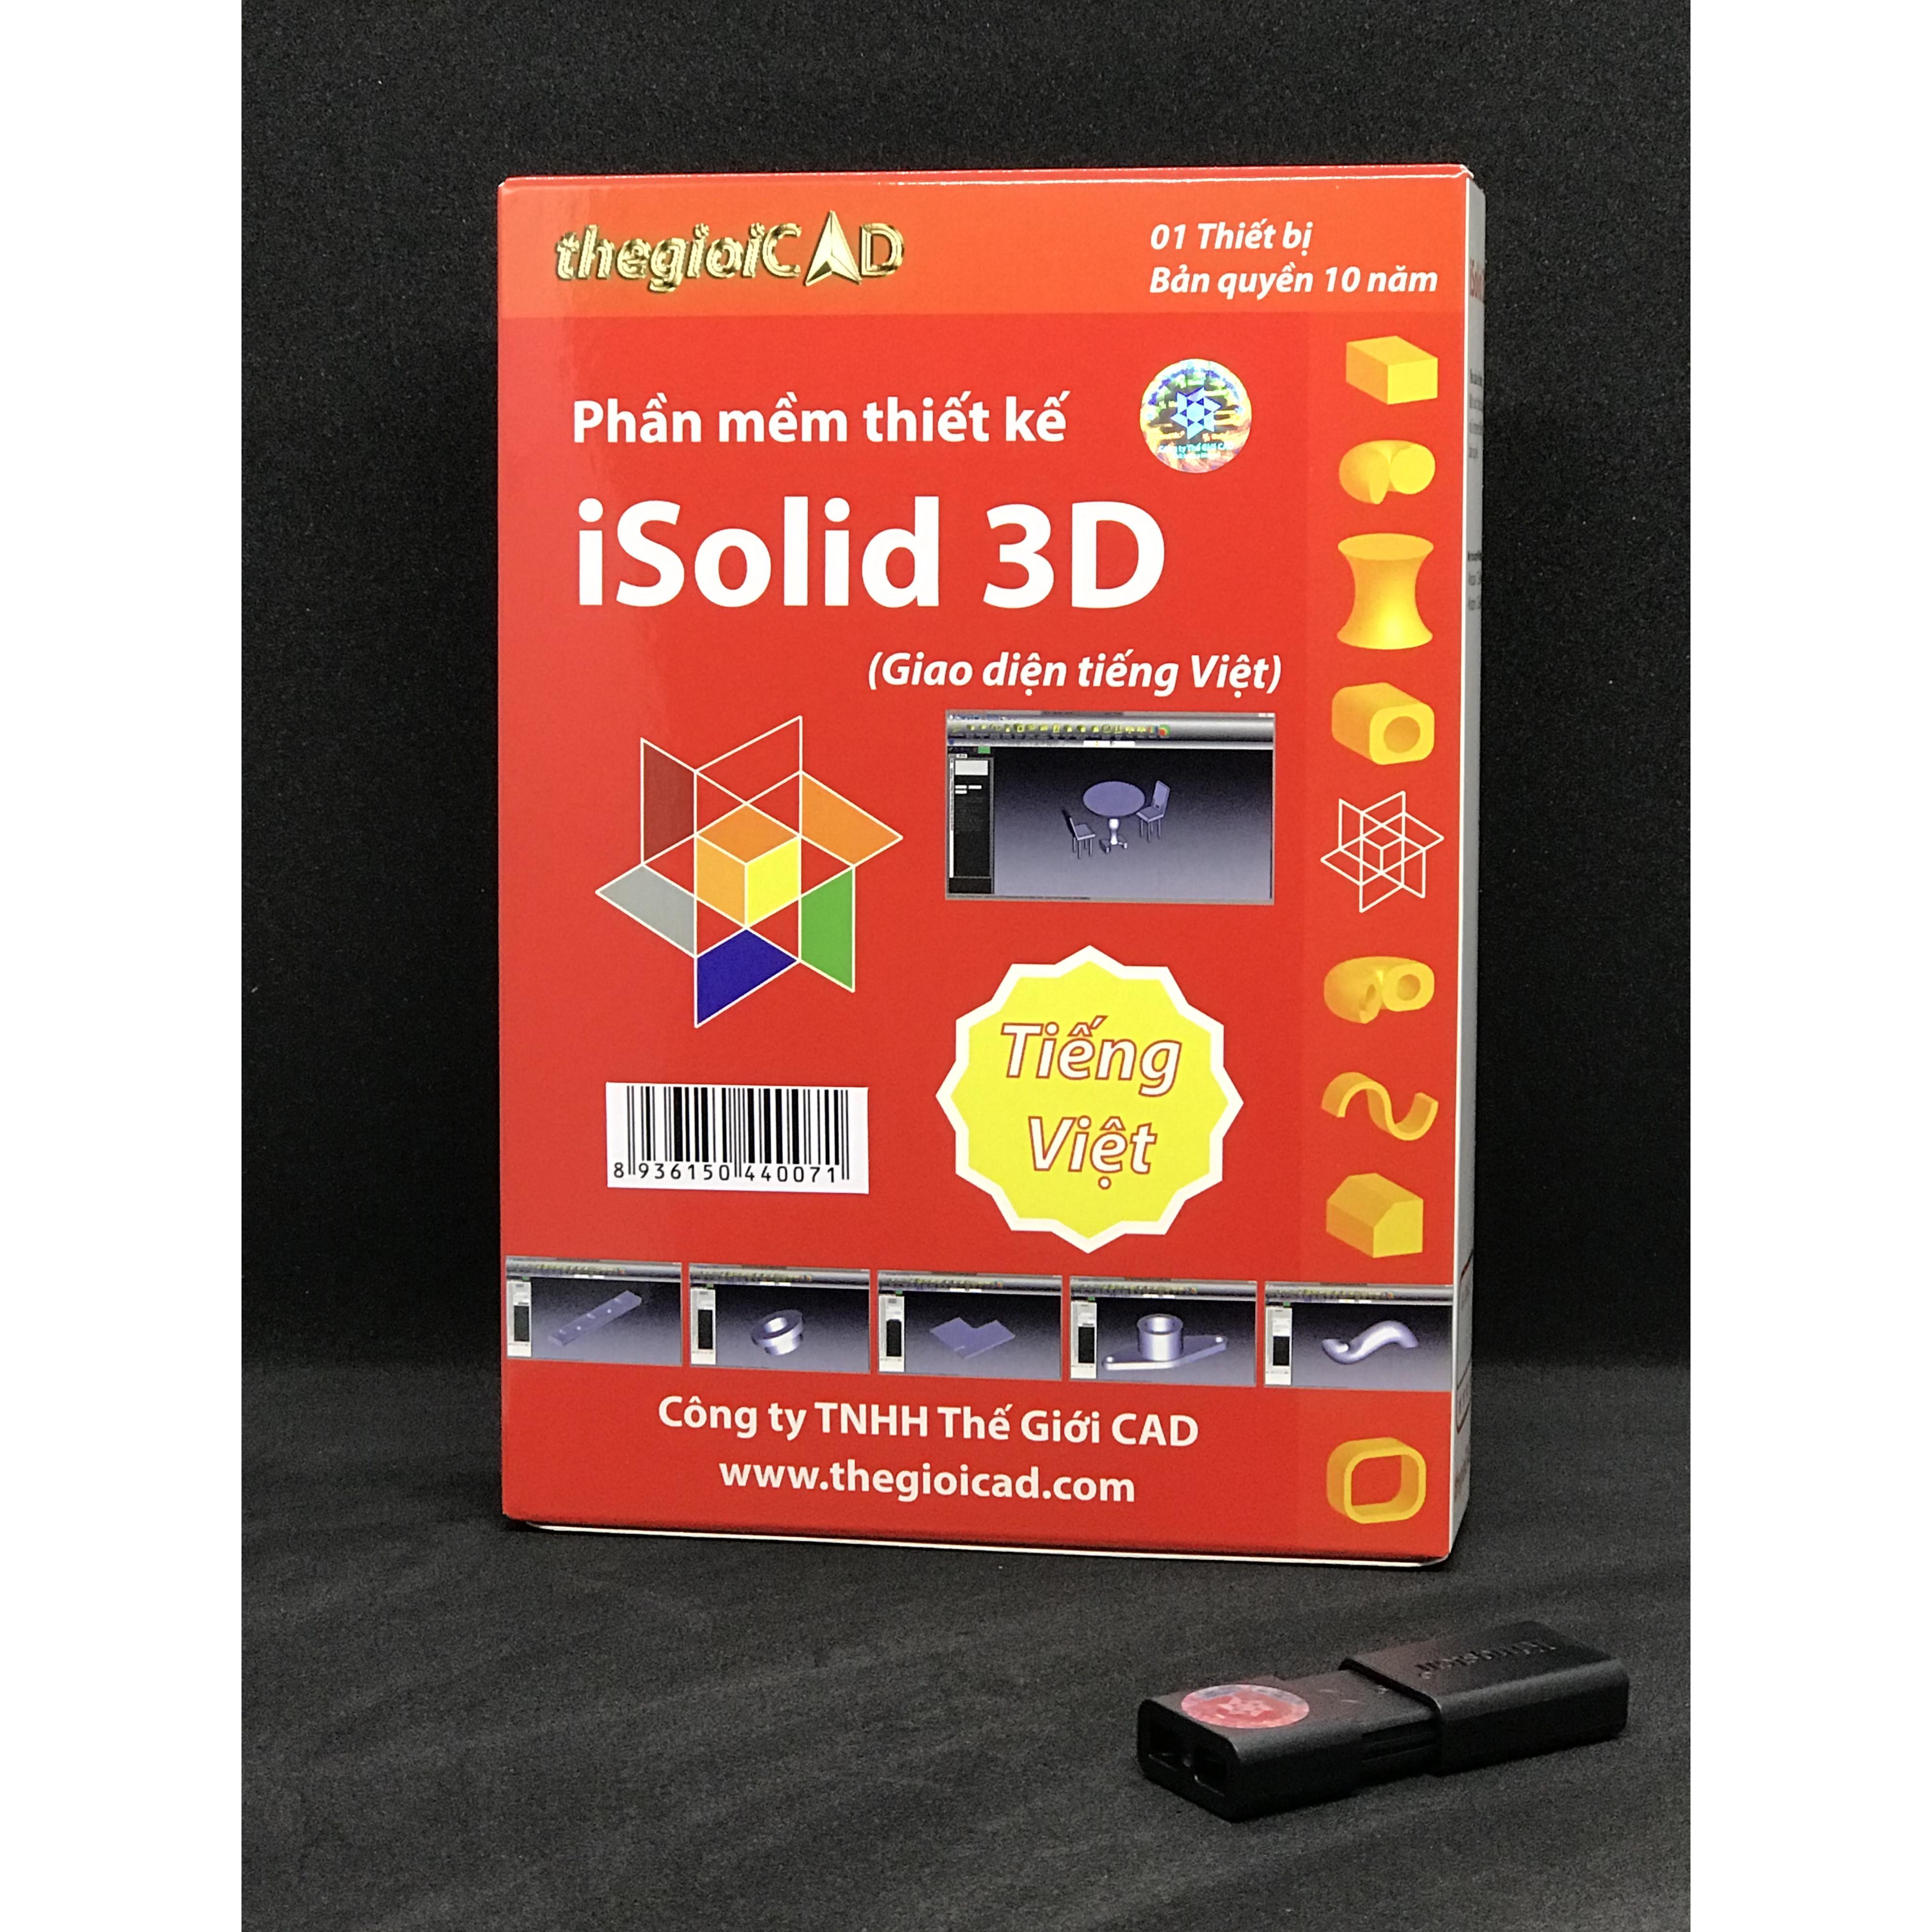 Phần mềm thiết kế iSolid 3D phiên bản tiêu chuẩn – Giao diện tiếng Việt (USB/2020)